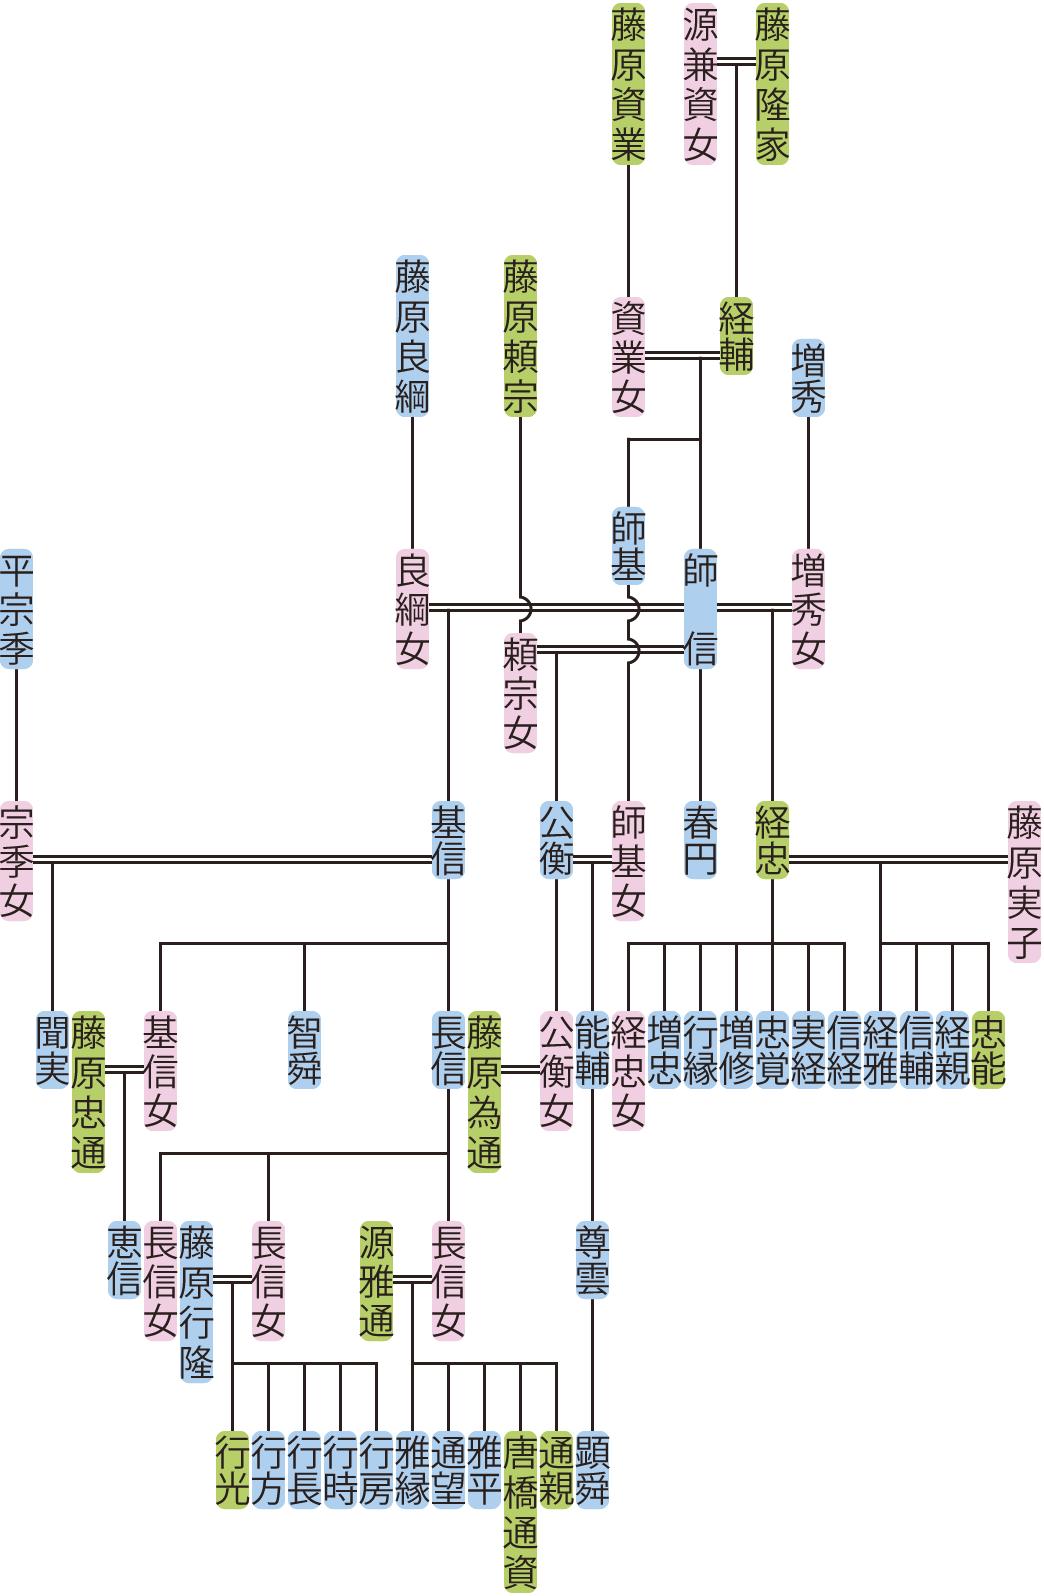 藤原師信の系図